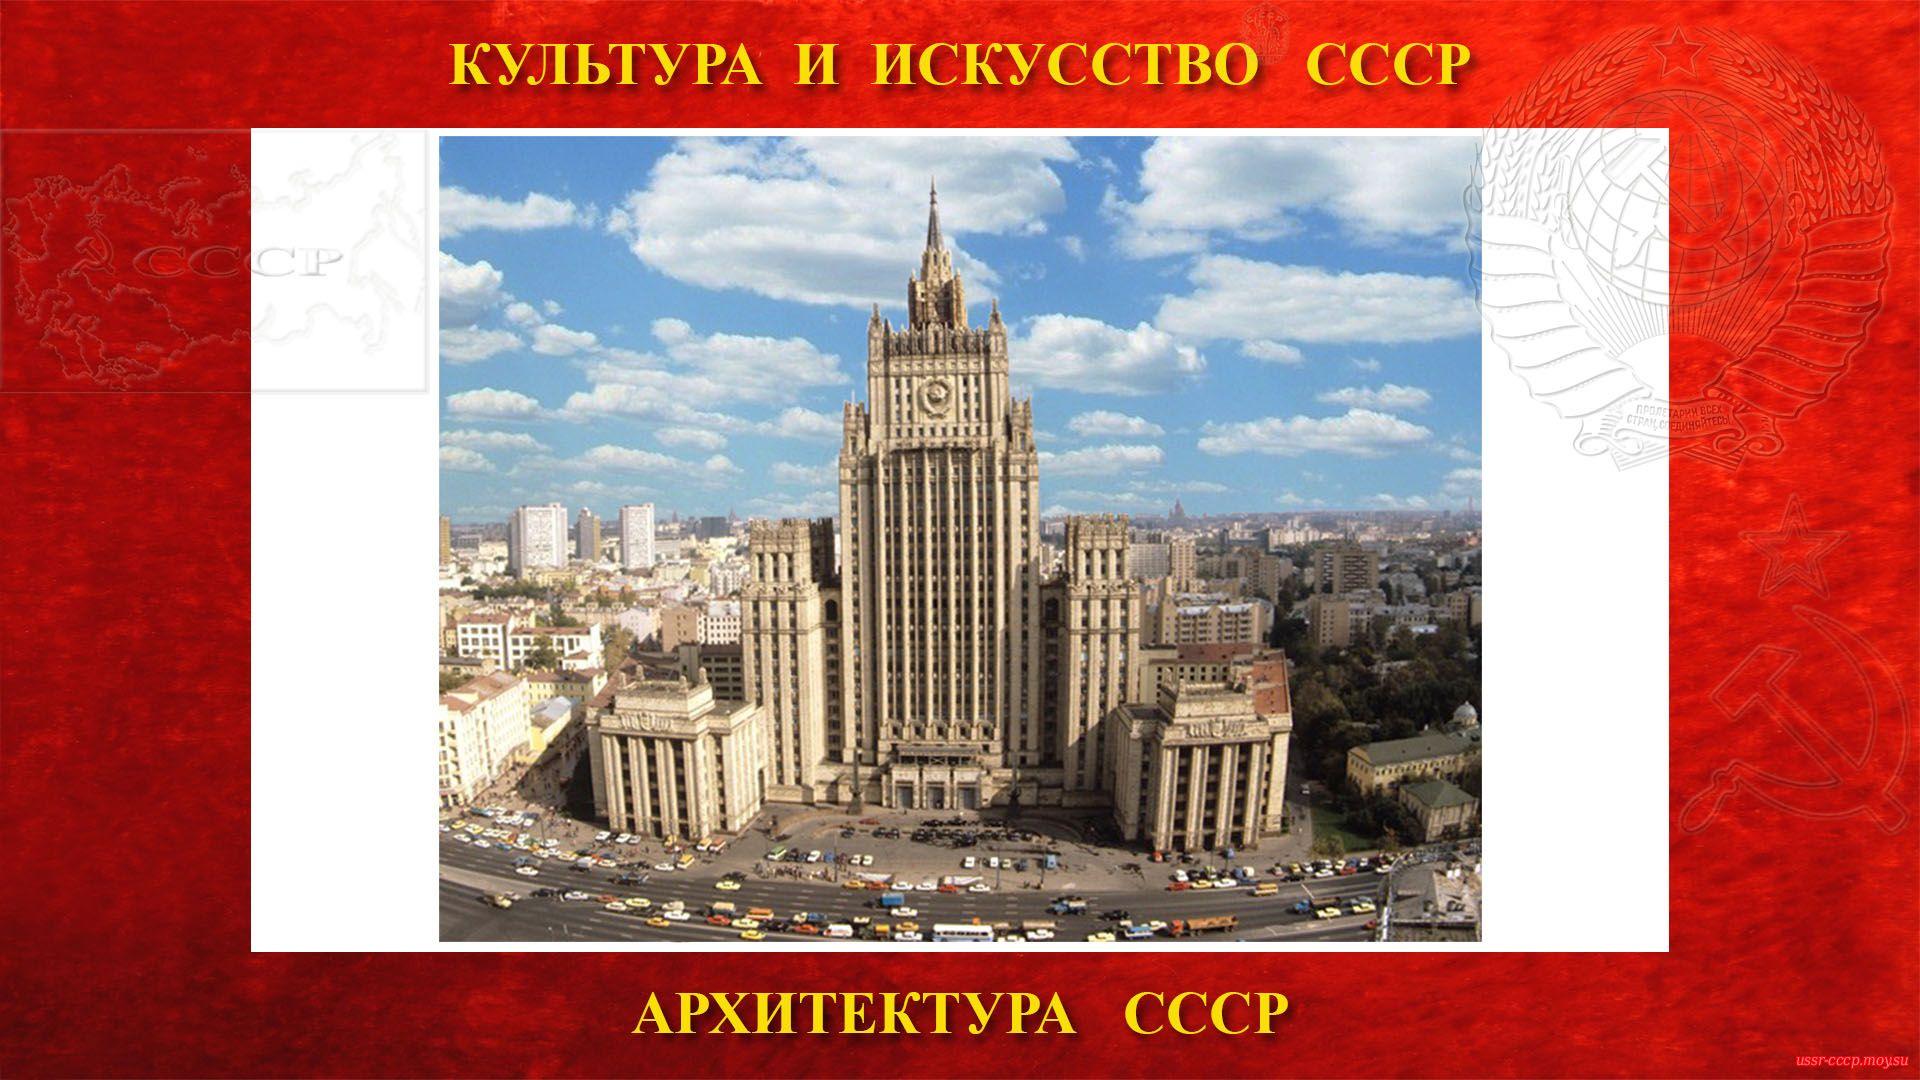 Фланкирование в СССР — Вид приёма в архитектуре (повествование)